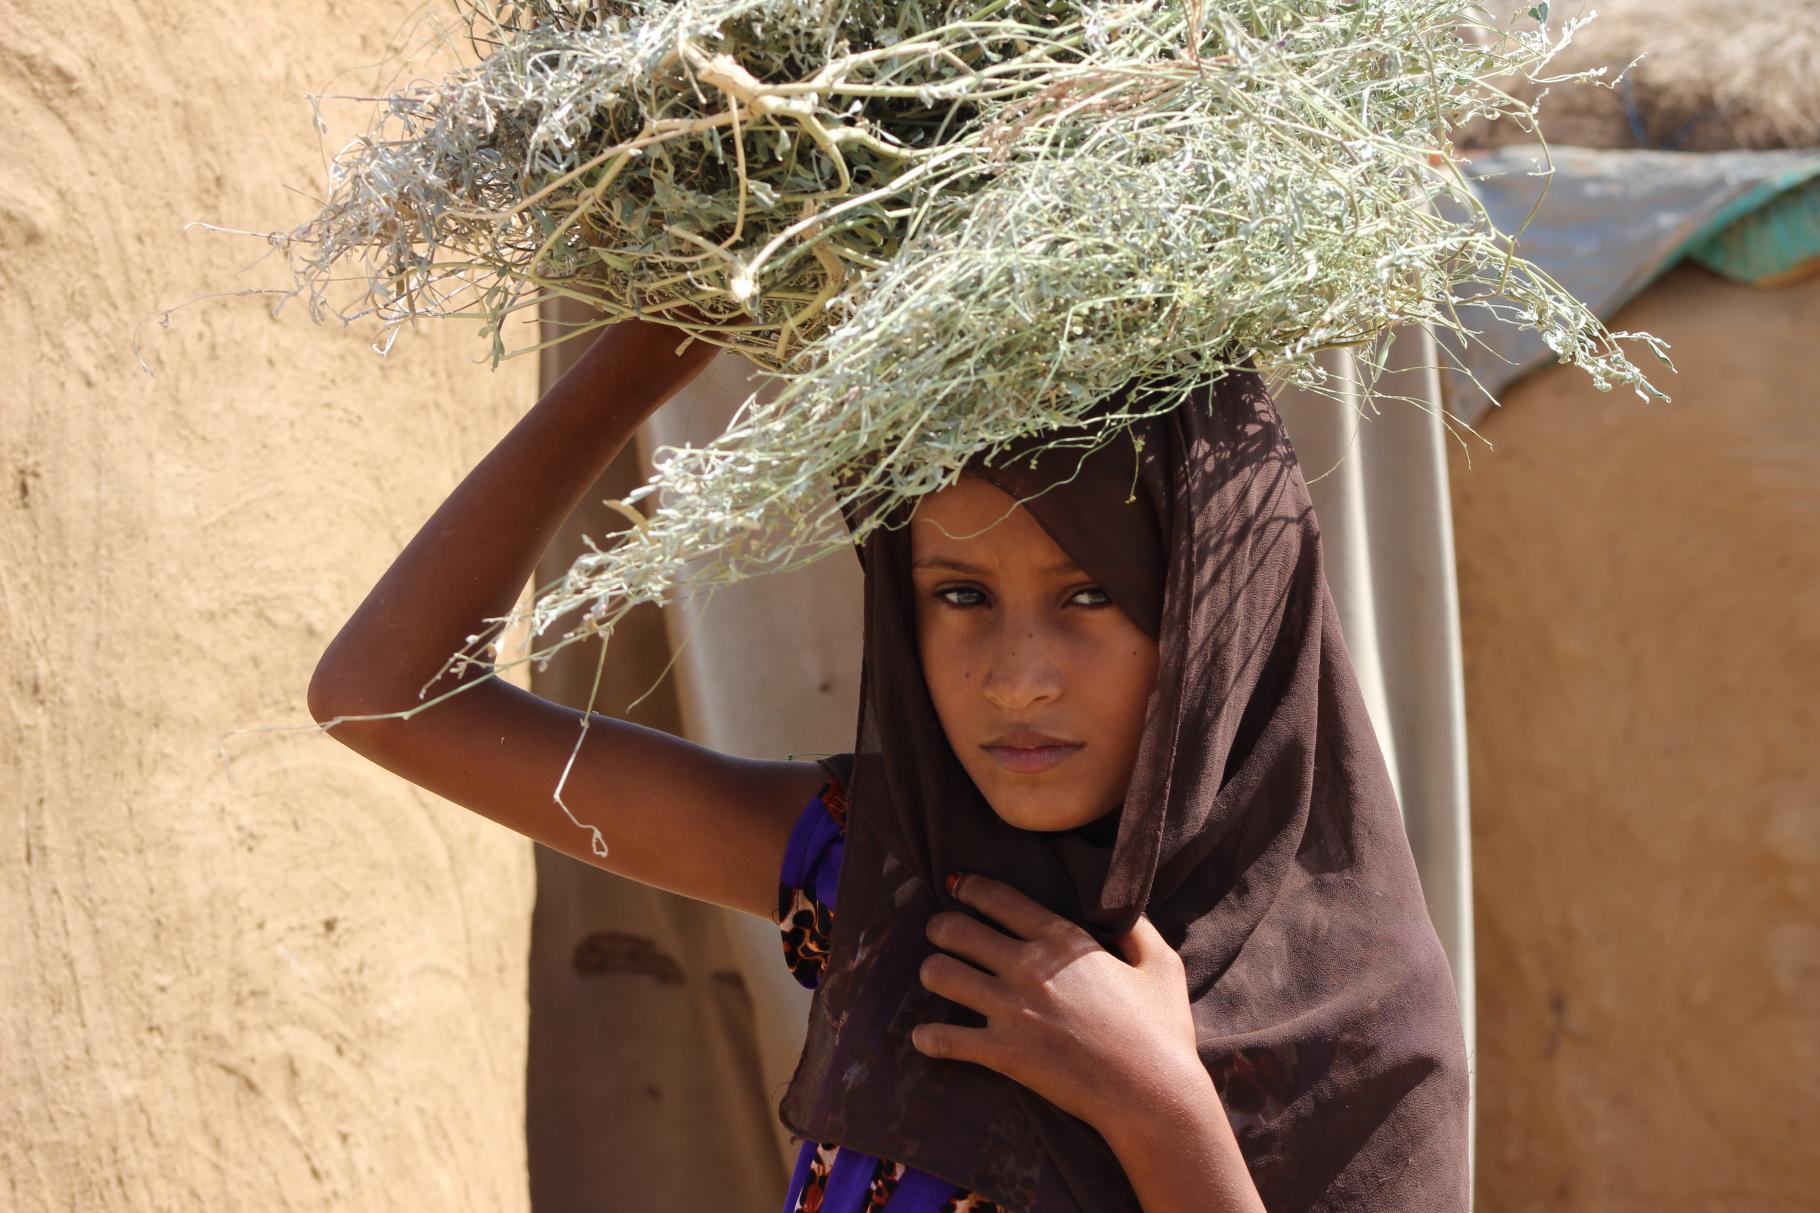 Die 9-jährige Aisha sammelt Holz, damit ihre Familie kochen kann.